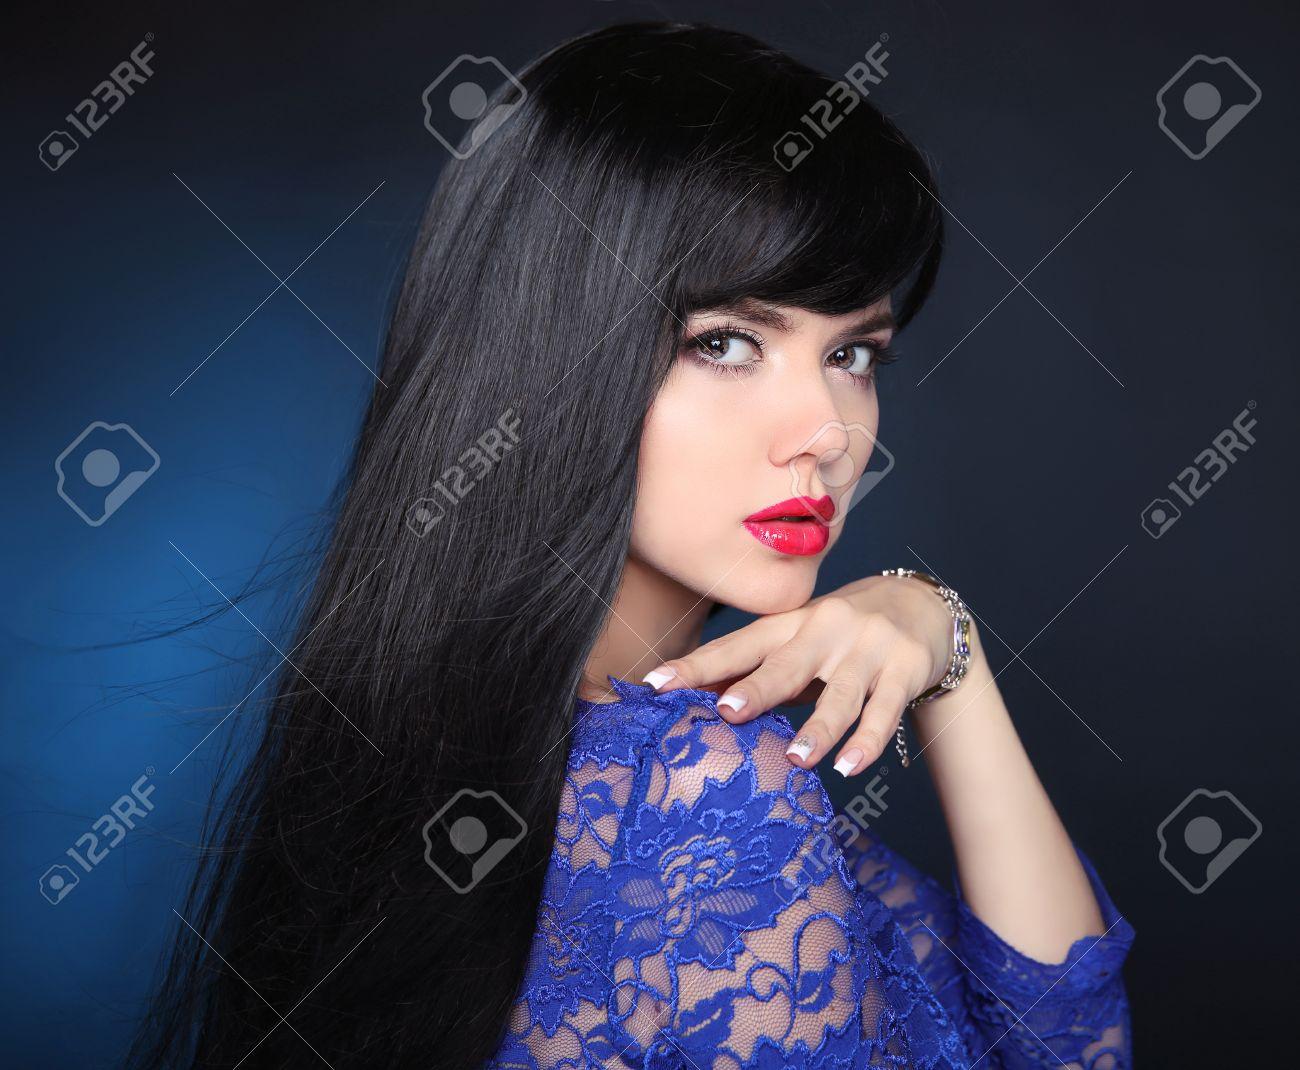 Schönheit Modell Mädchen Mit Schwarzen Haaren Gesund Schöne Frau